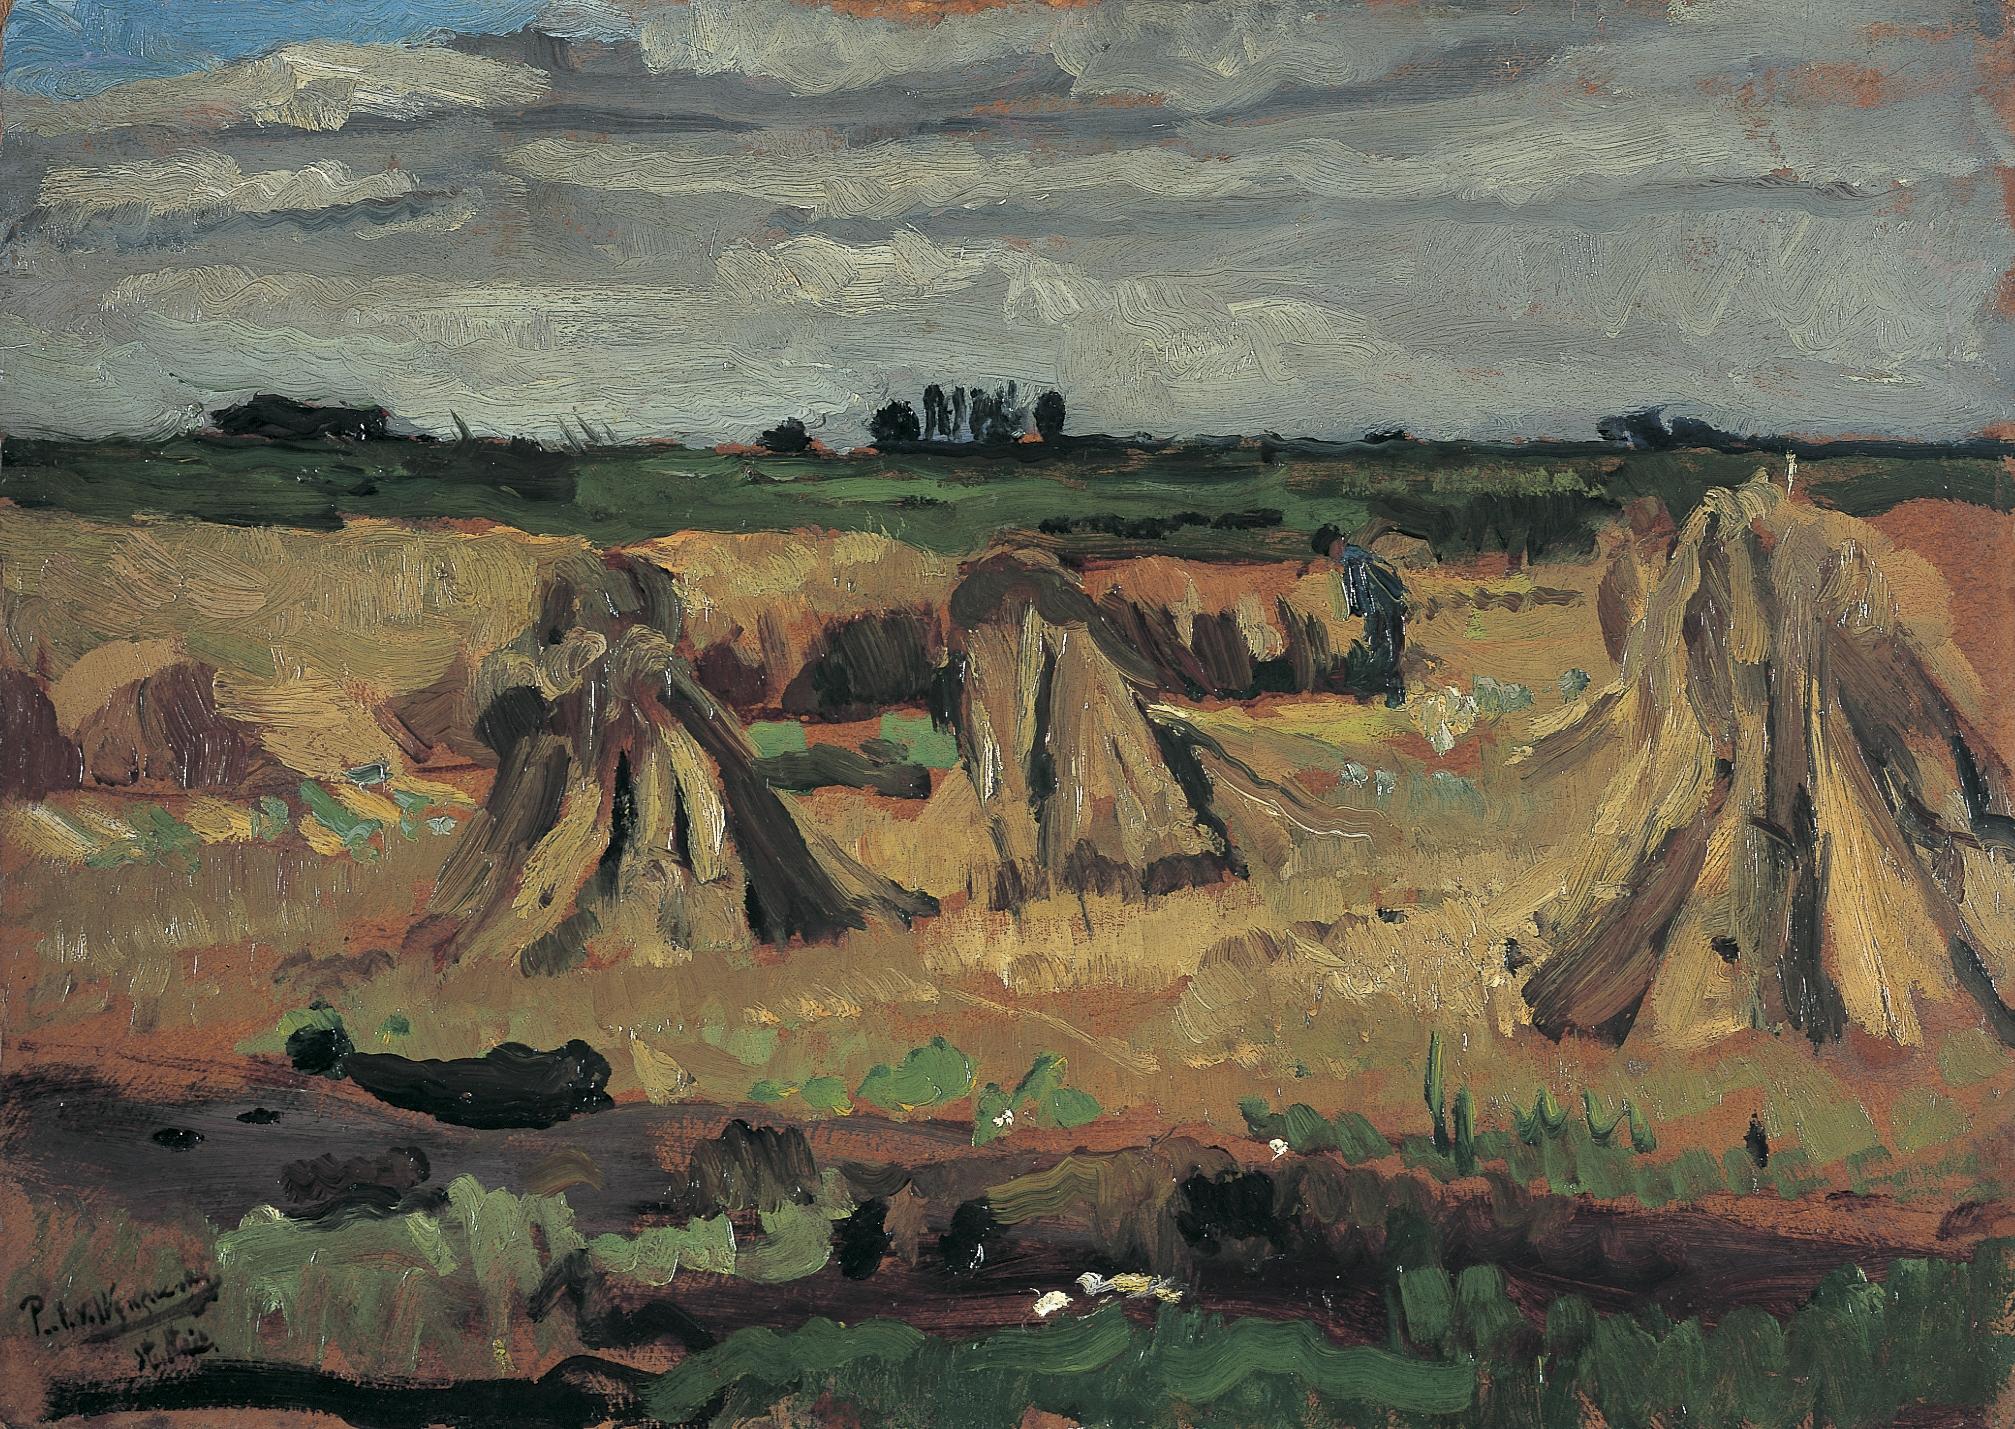 Wijngaerdt, P.T. van - Studie polder Amstelveen, olieverf op schildersboard 37,5 x 52,5 cm, gesigneerd l.o. en verso gedateerd 1902